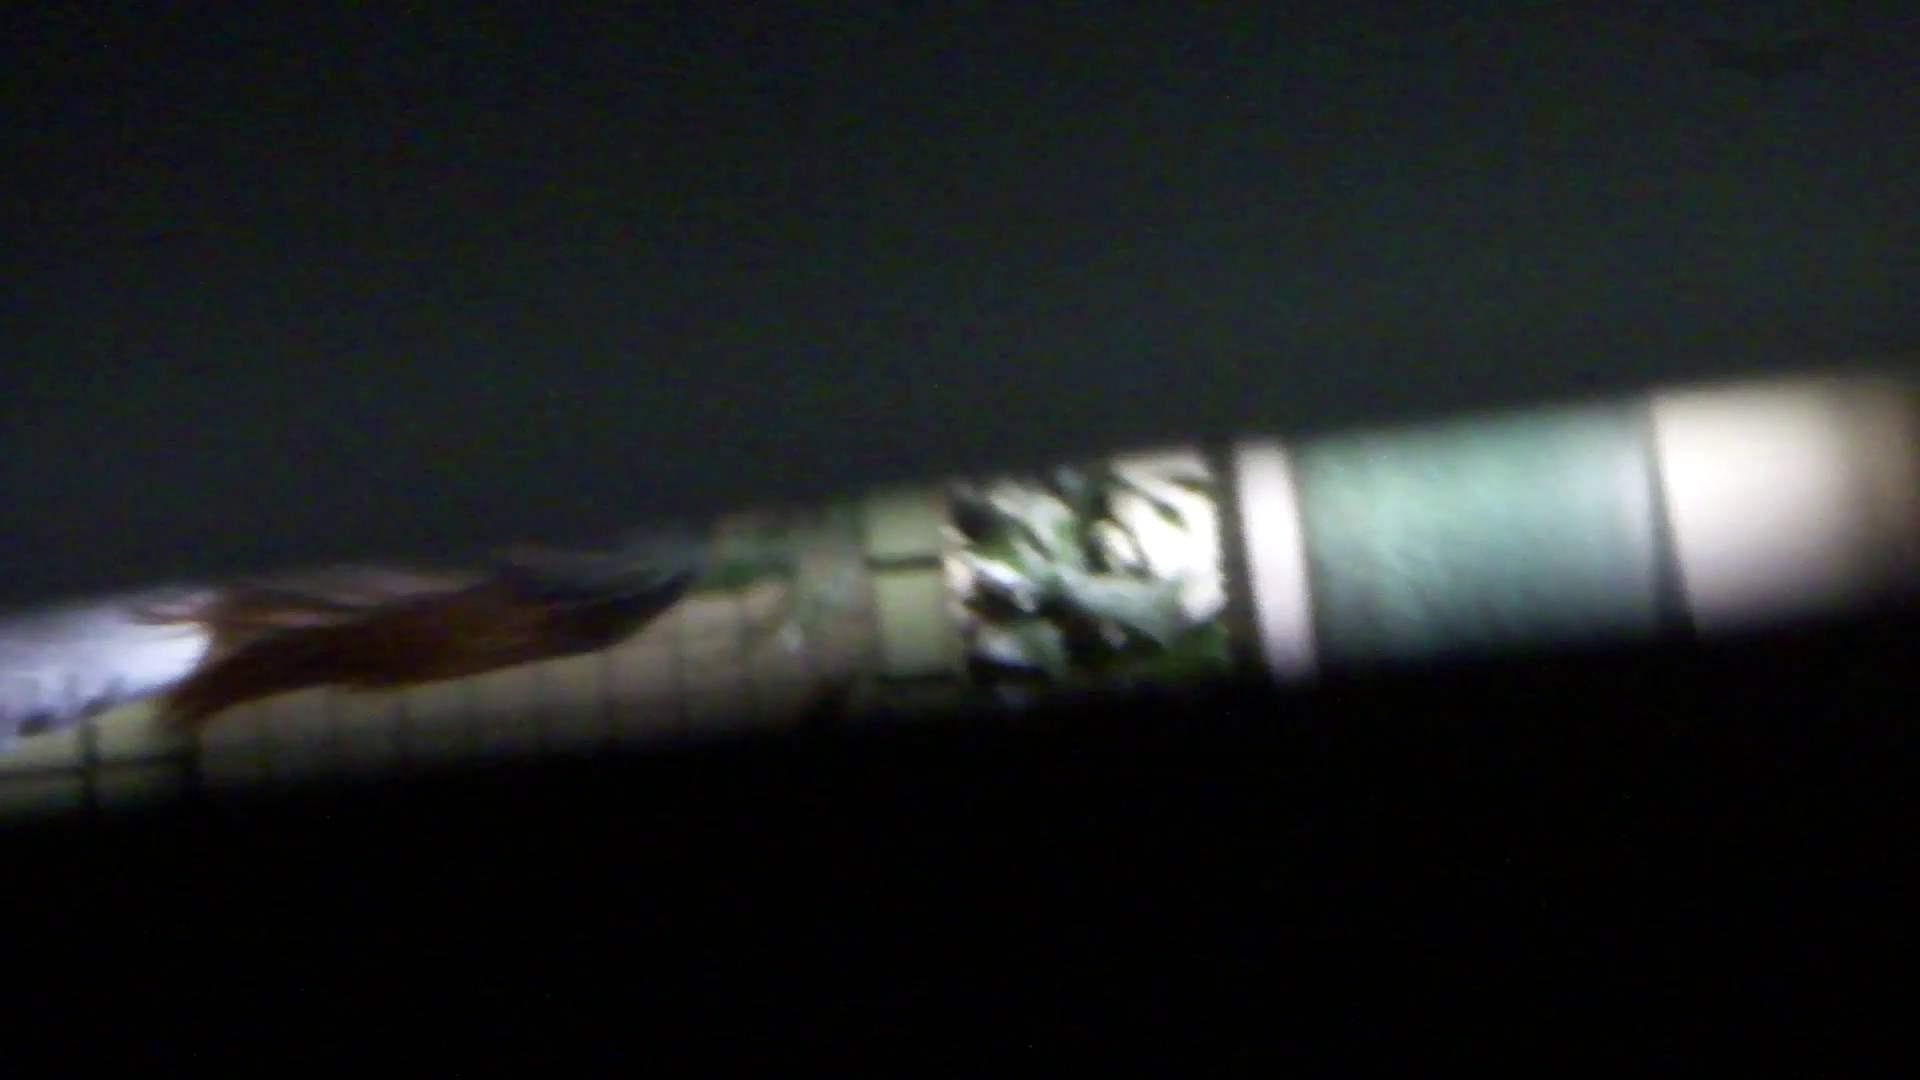 JD盗撮 美女の洗面所の秘密 Vol.76 高画質 オメコ無修正動画無料 99画像 88